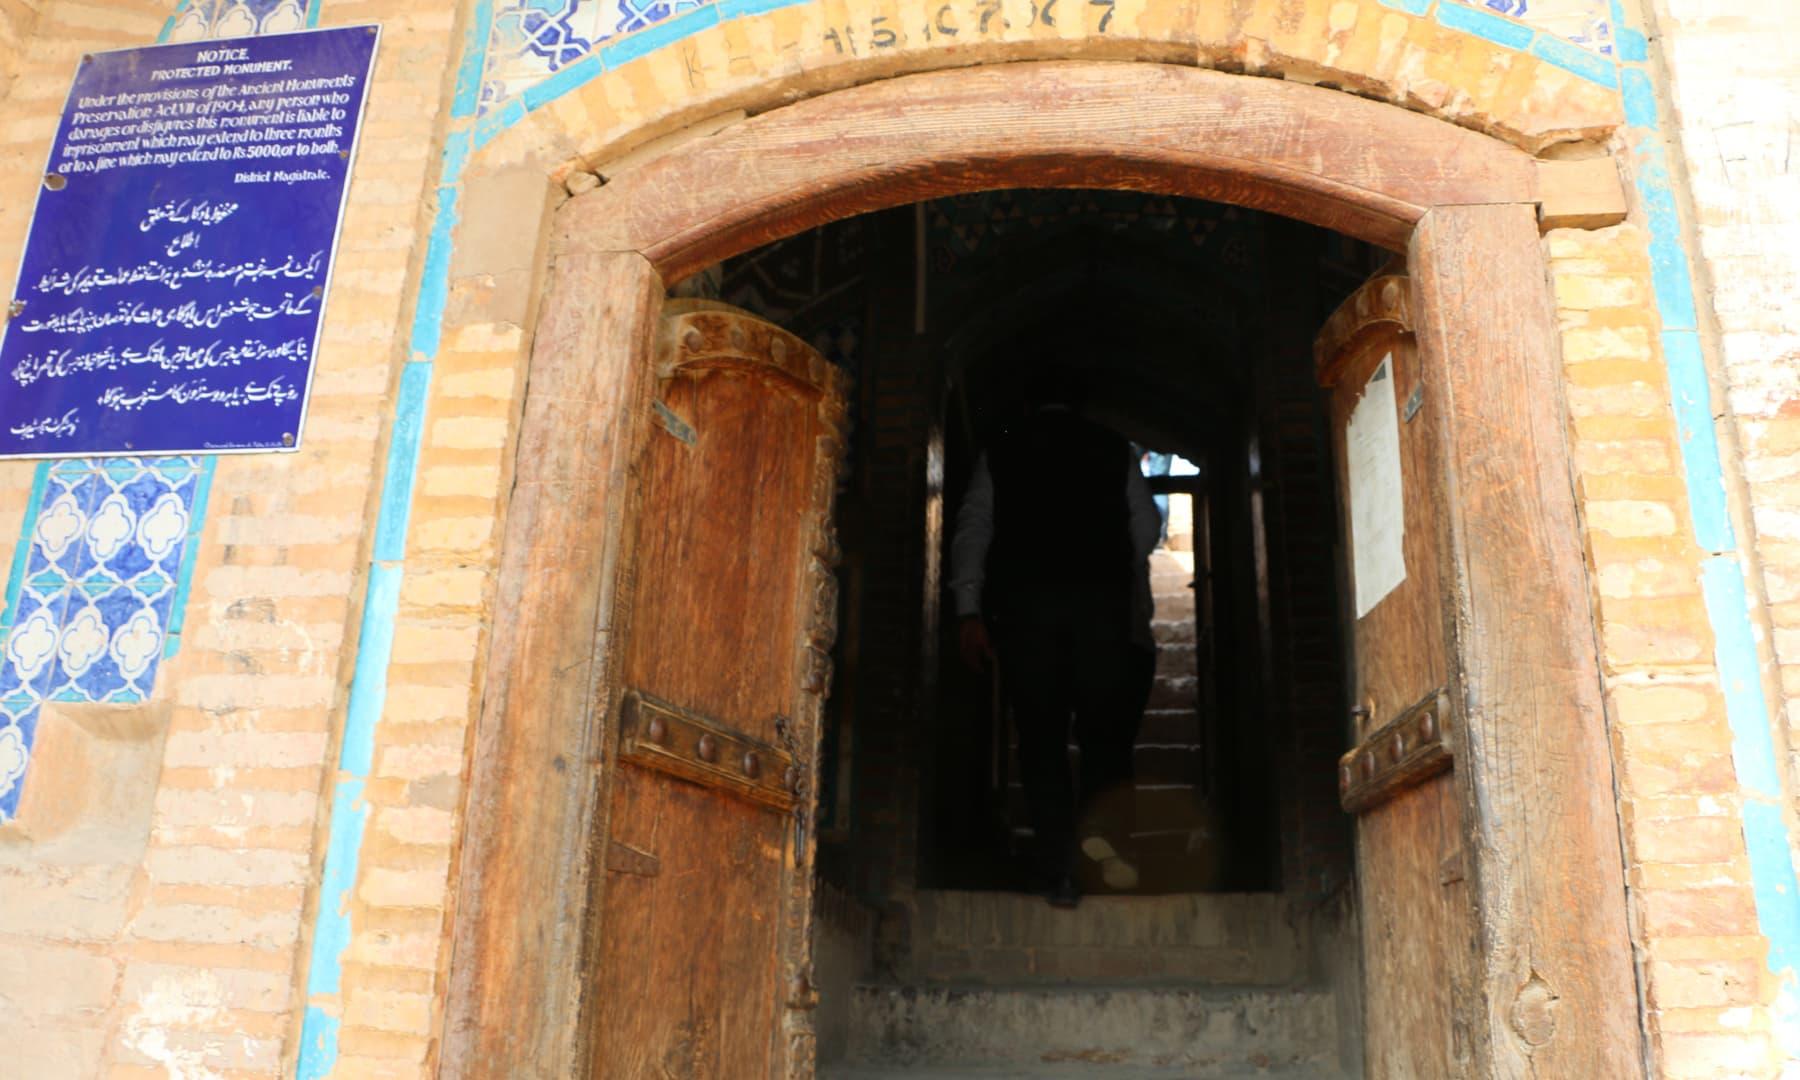 یہاں قبرستان اوپر والے حصے پر ہے اور اسے دیکھنے کے لیے پتھر کی سیڑھیاں چڑھ کر اوپر جایا جاتا ہے—تصویر ابراہیم کنبھر